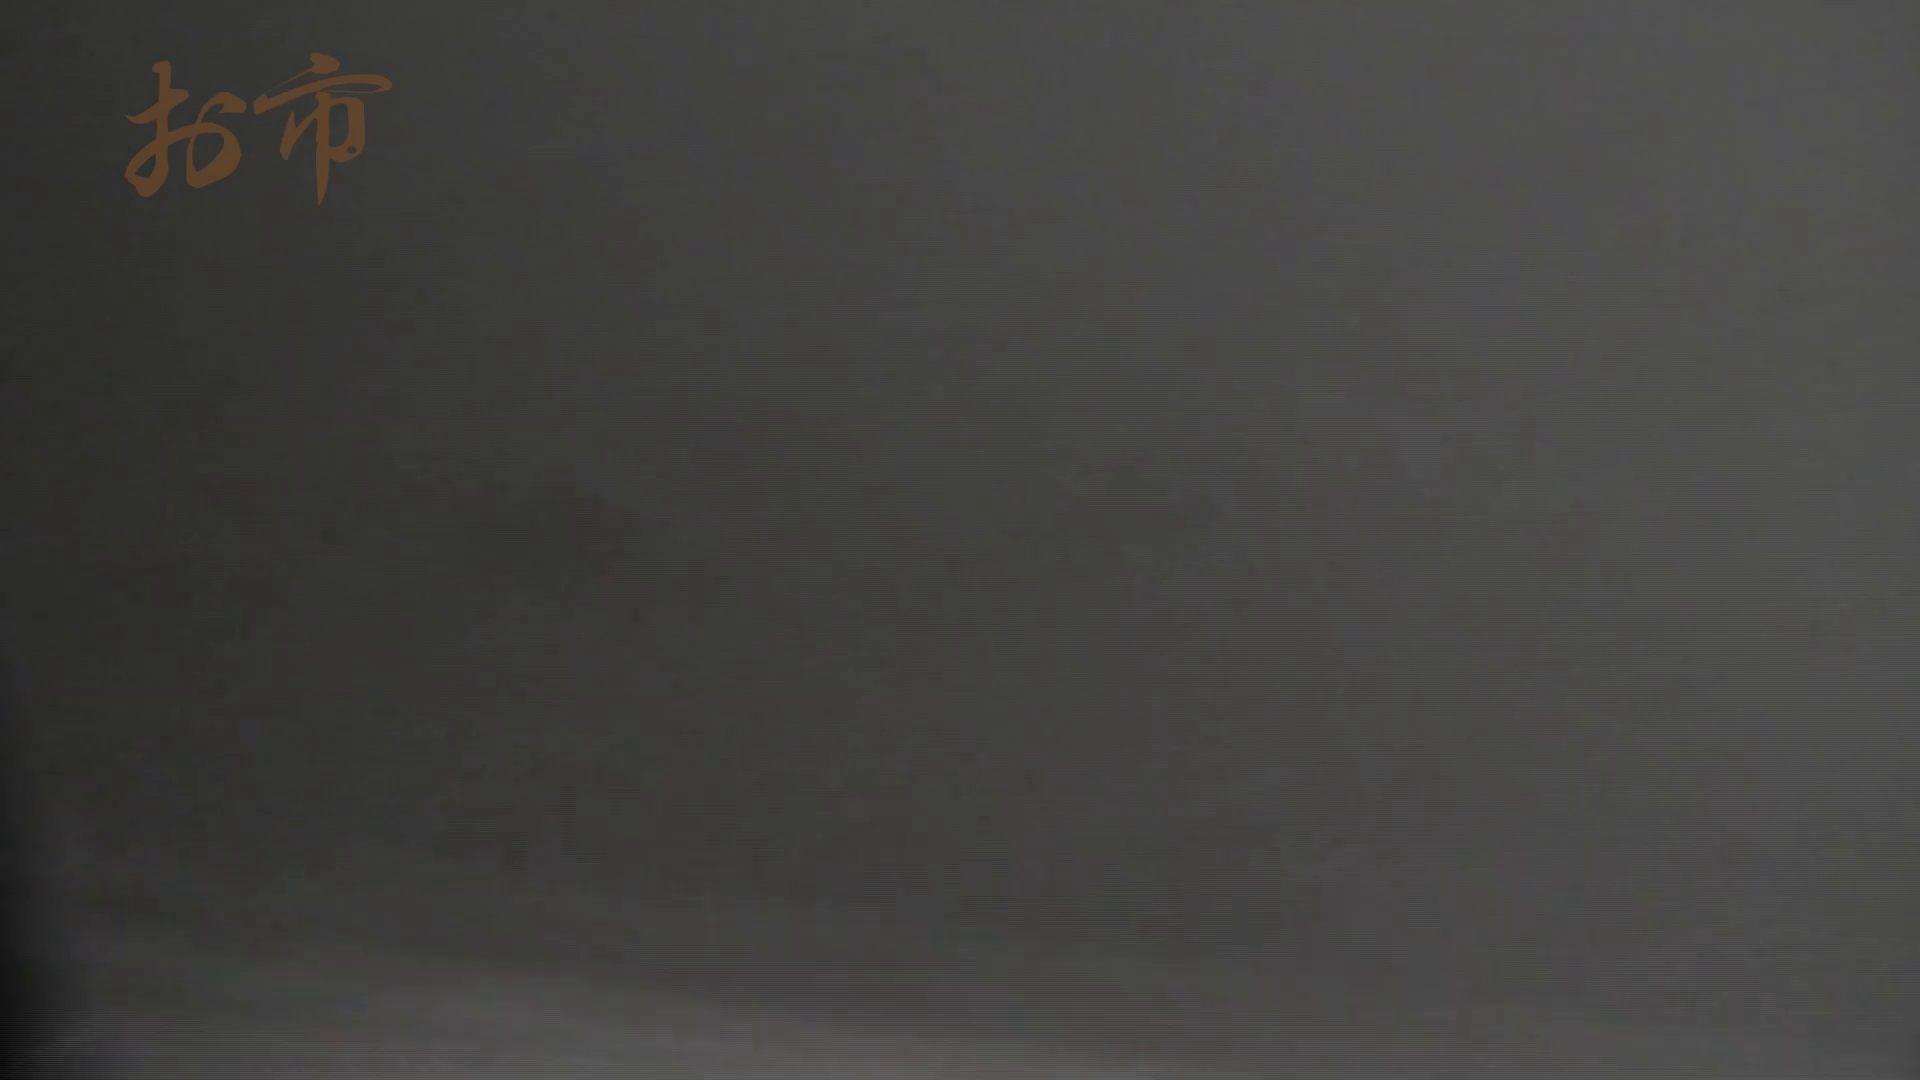 潜入!!台湾名門女学院 Vol.12 長身モデル驚き見たことないシチュエーション 潜入 オメコ動画キャプチャ 101pic 44